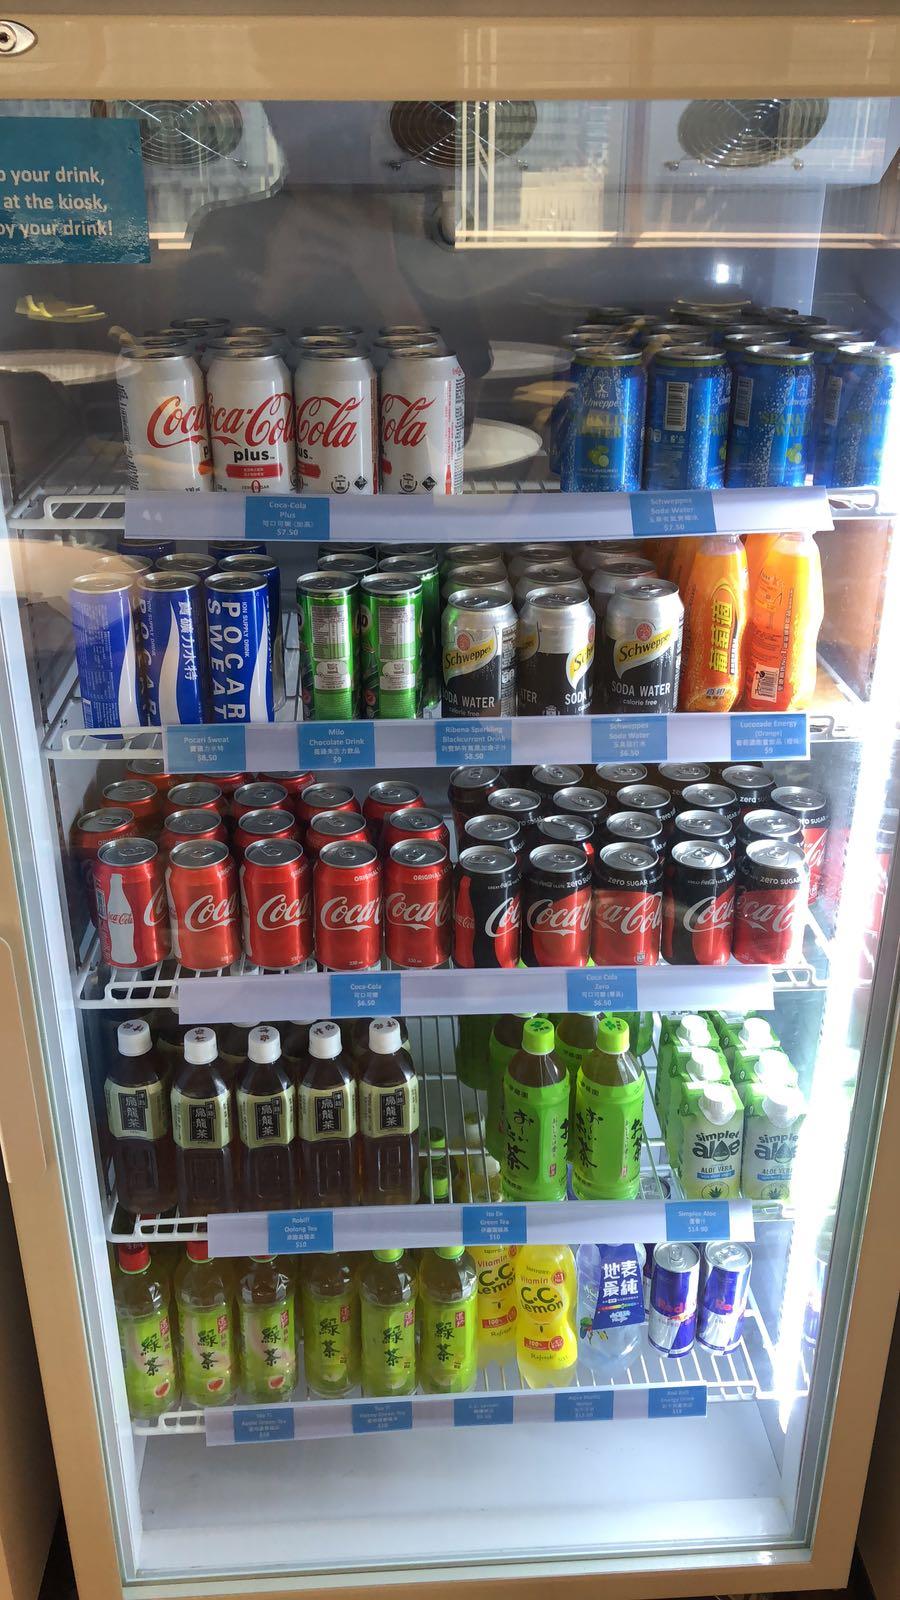 FreshUp,自動售賣機,自動販賣機,零食,飲品,方便,快捷,智能,投資銀行,辦公室,寫字樓,摩根大通